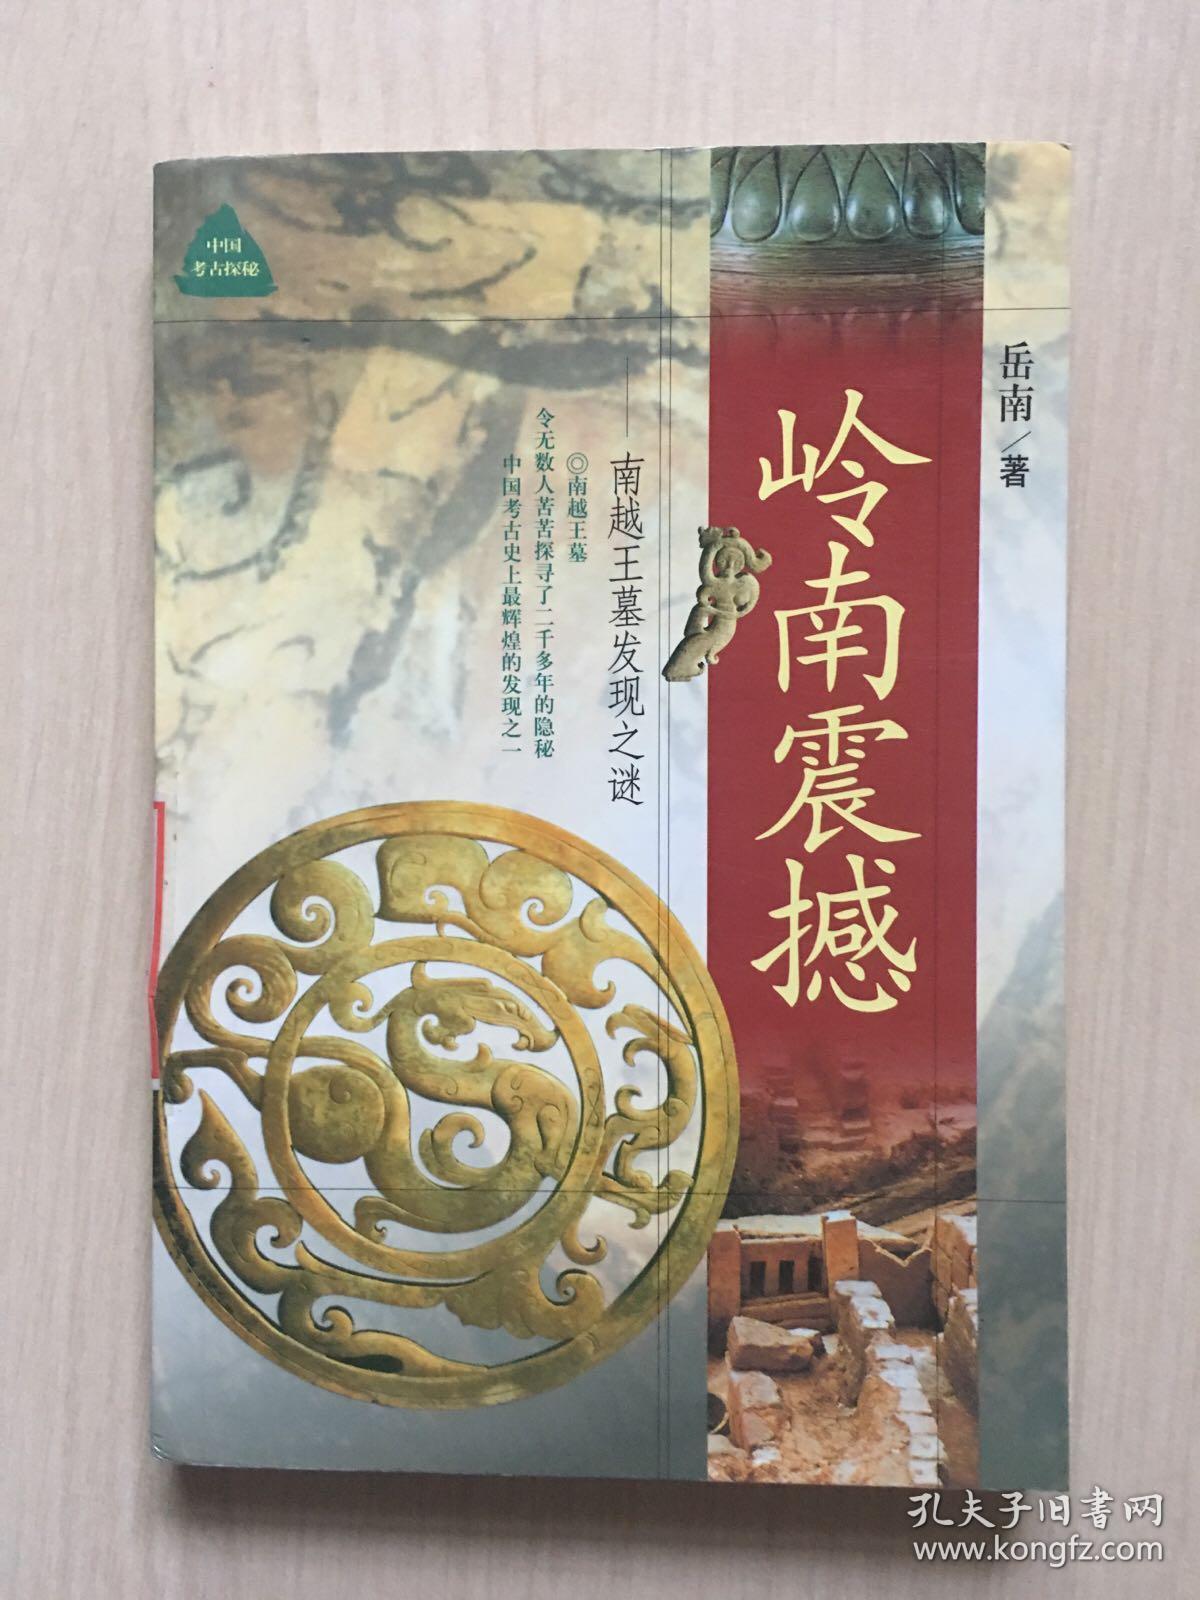 岭南震撼:南越王墓发现之谜